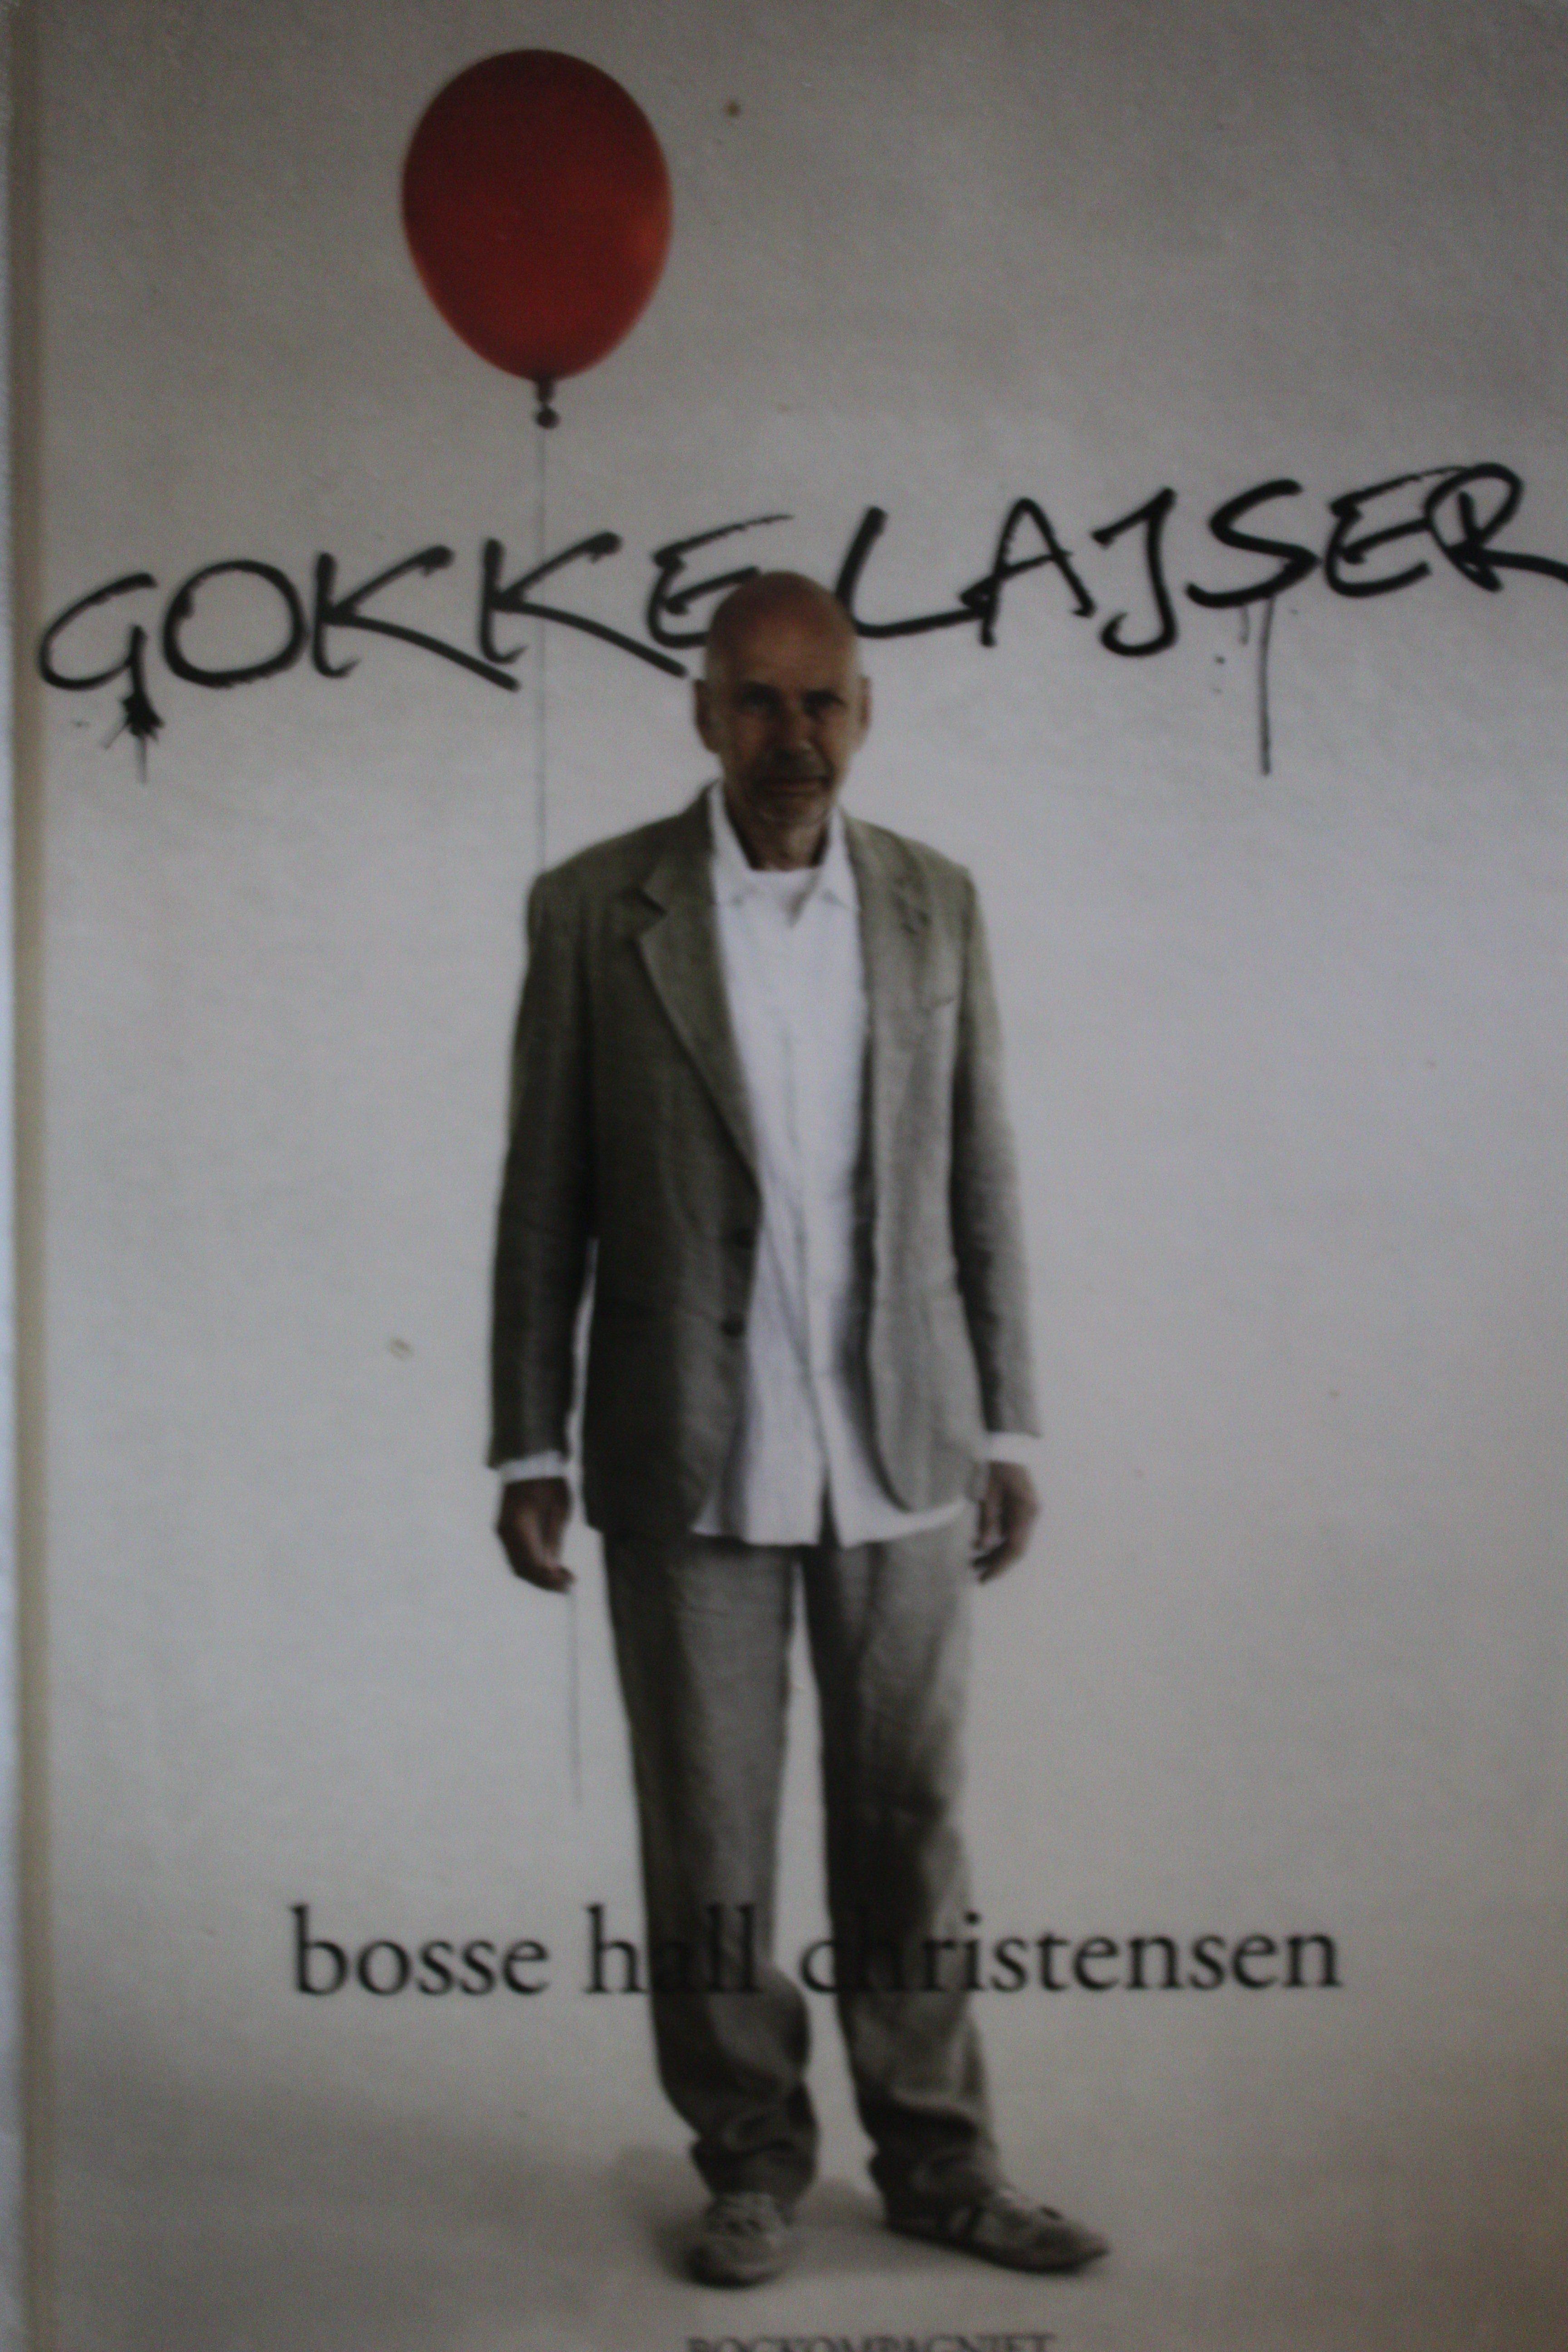 Gokkelajser forfatter Bosse Hall Christensen